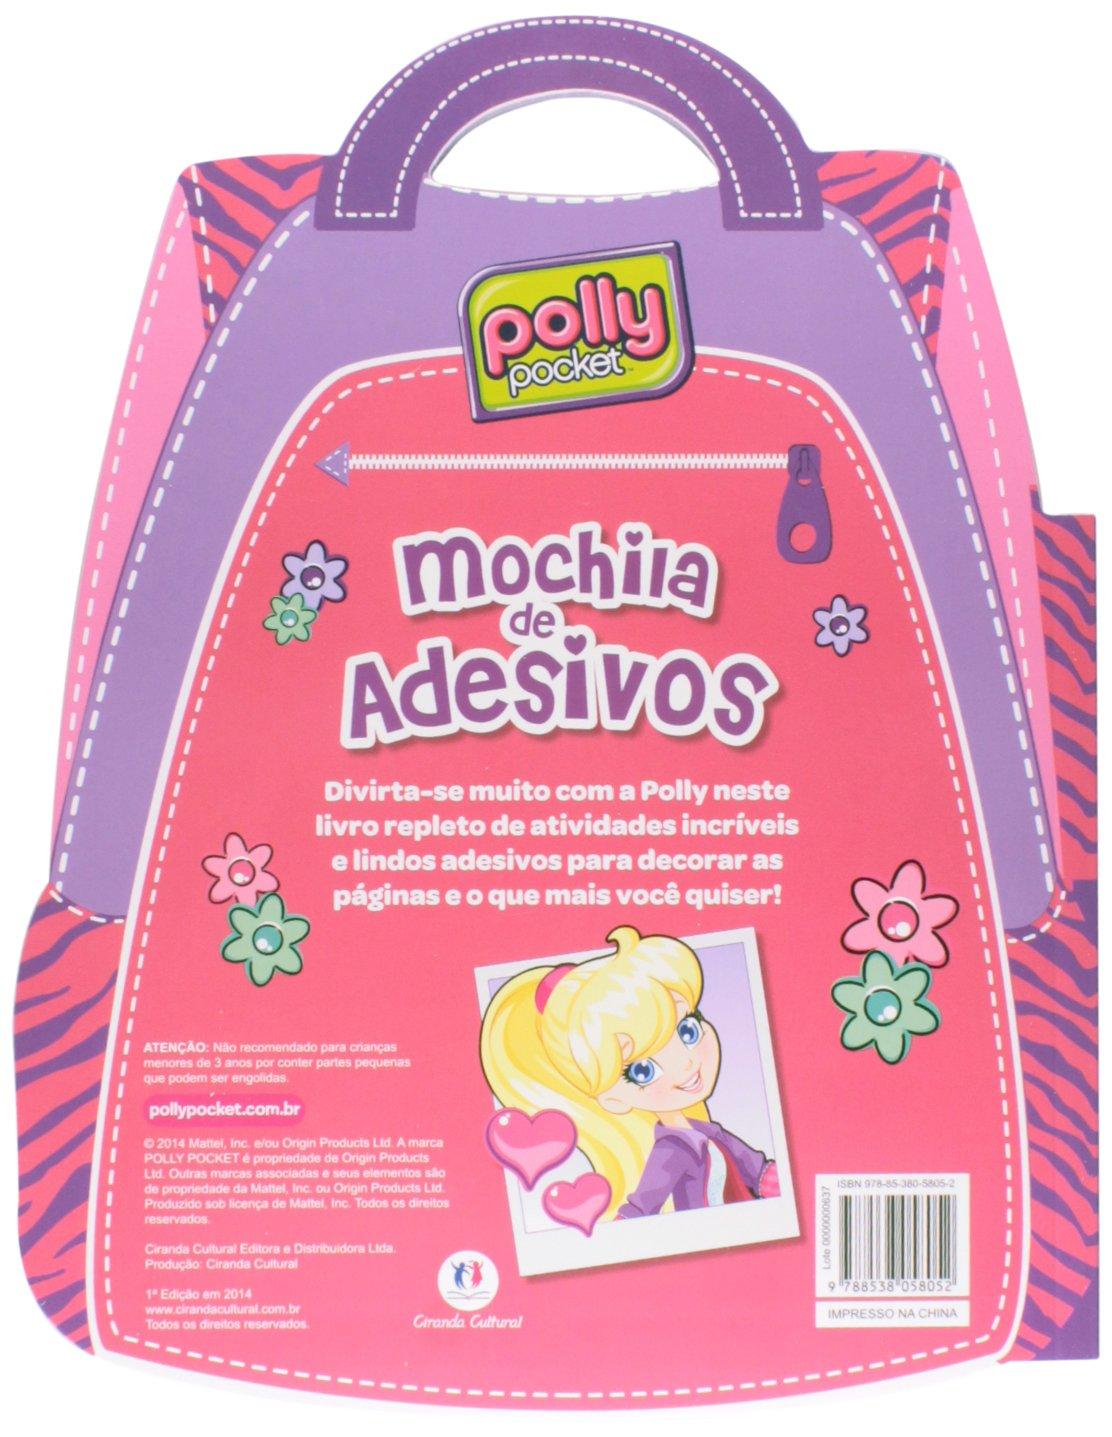 Polly Mochila de Adesivos: Ciranda Cultural: 9788538058052: Amazon.com: Books